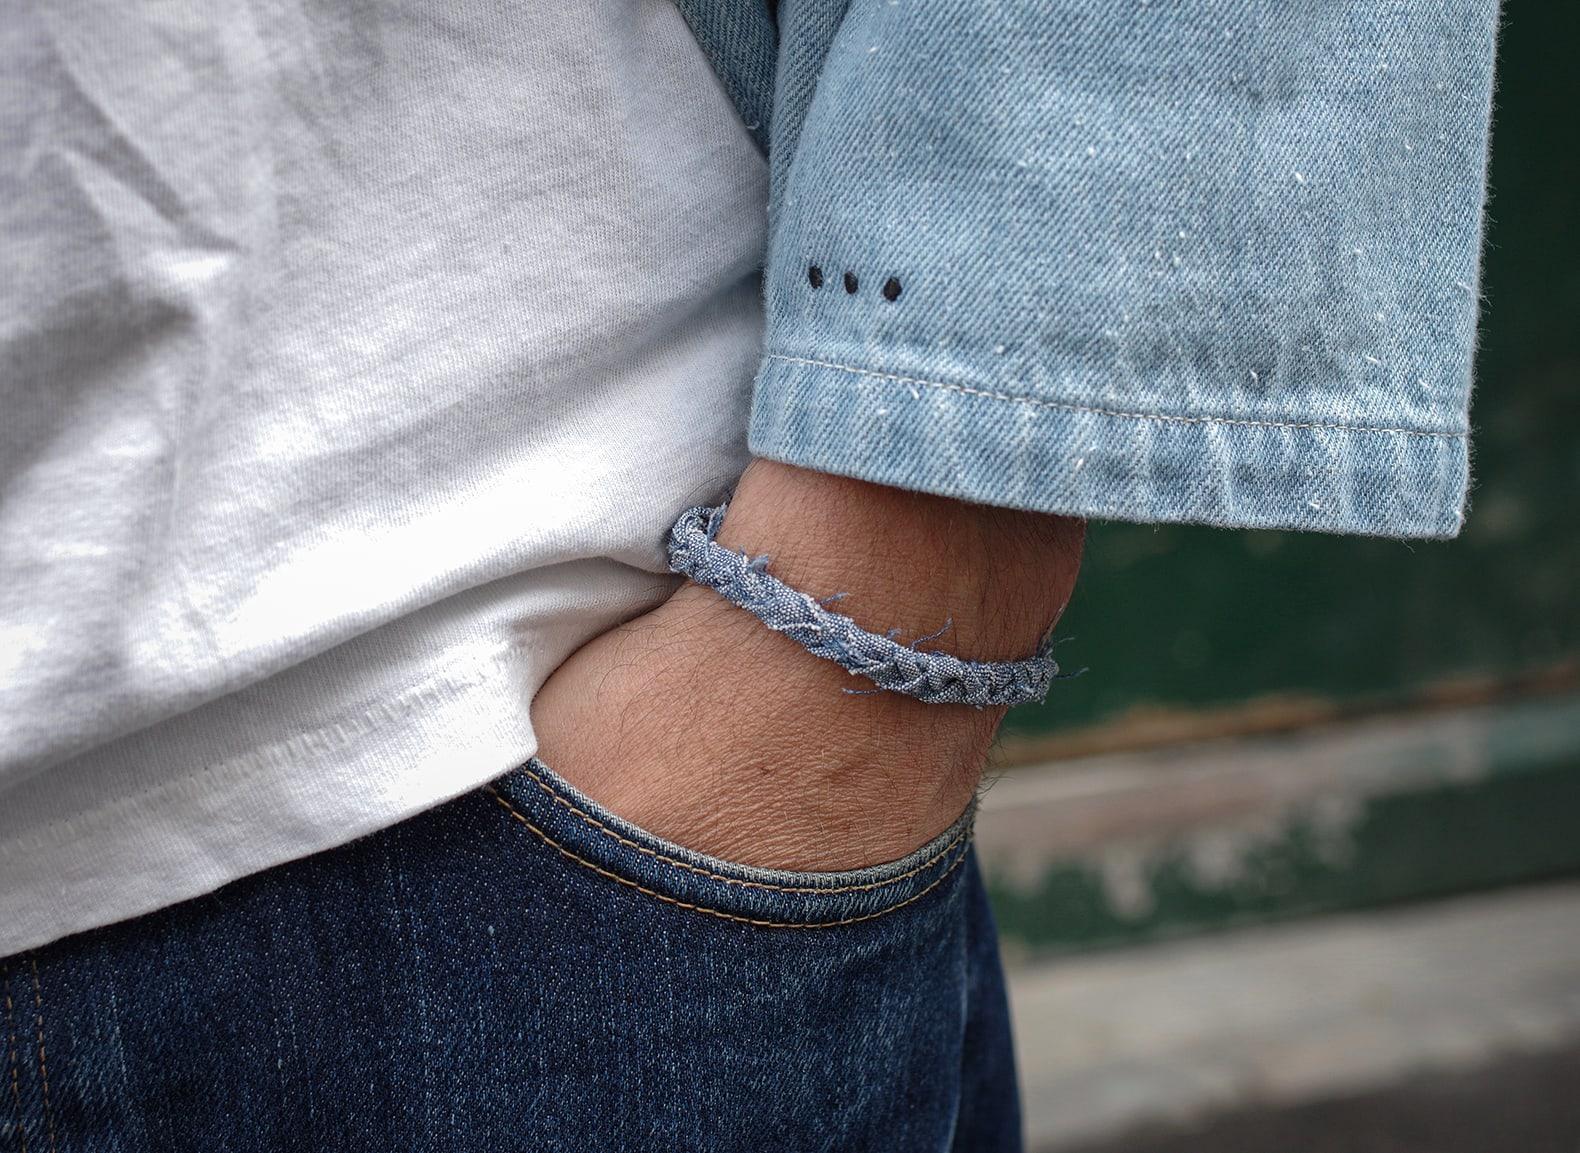 idée de bijoux pour homme avec un bracelet en tissu recyclé, un chambray japonais haut de gamme